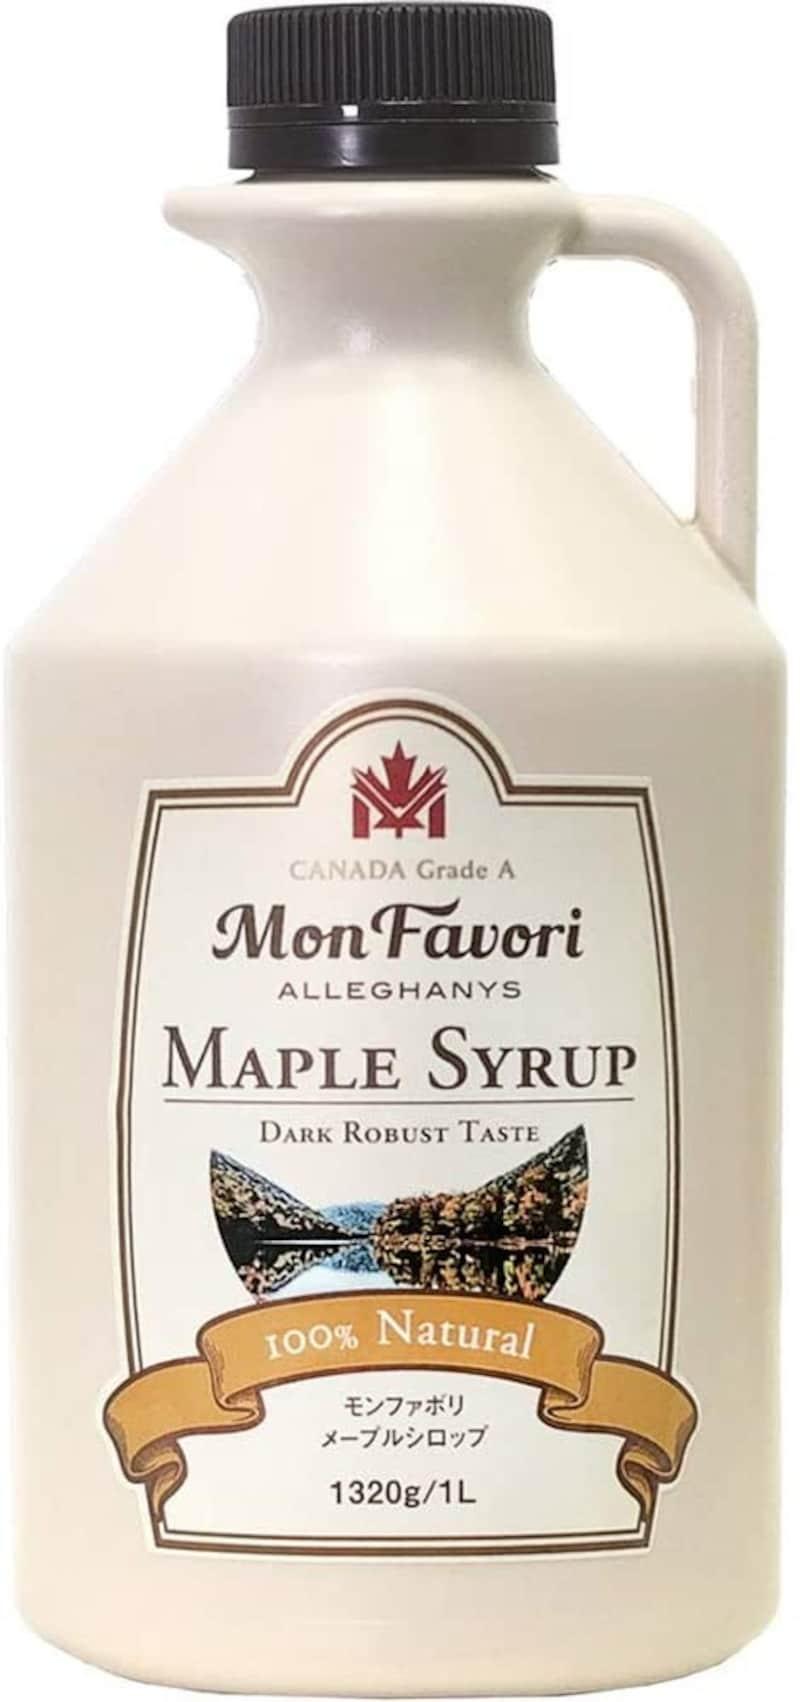 モンファボリ,メープルシロップ  ダークロバストテイスト